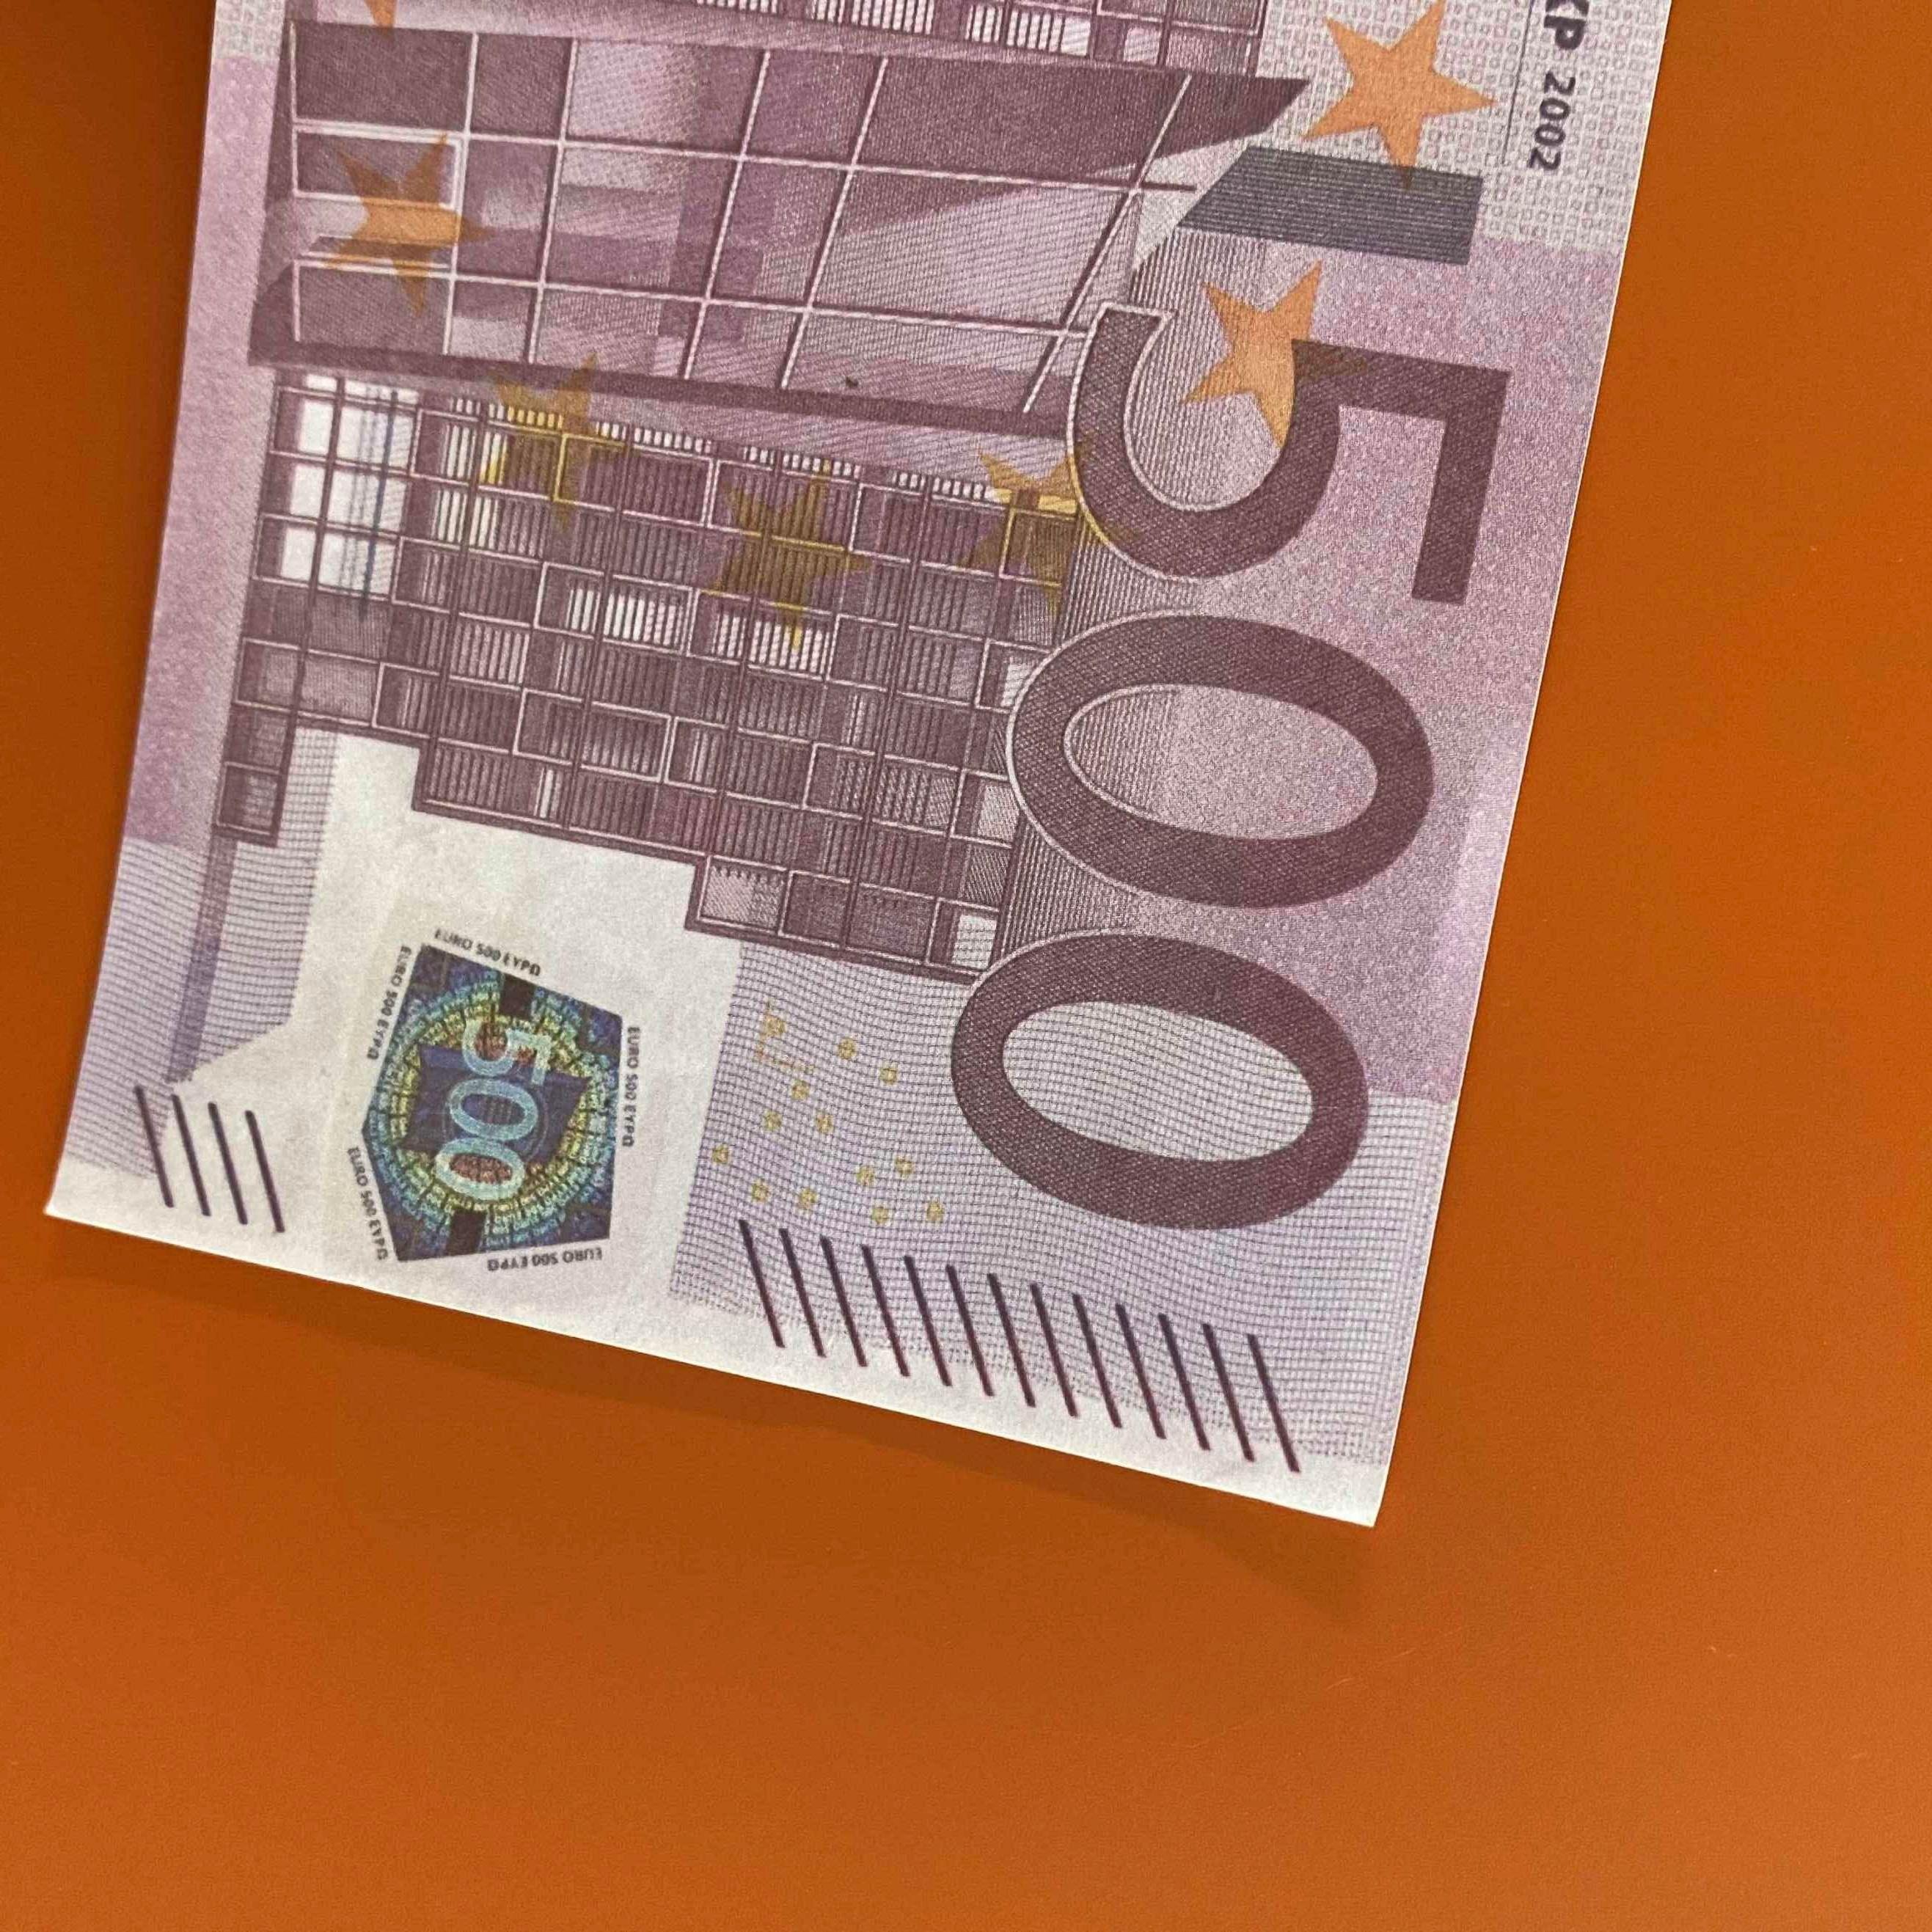 A maioria das notas 100 pçs / pack 500 euros dinheiro dos EUA jogo de brinquedo da família ou cópia 023 Coleção de crianças realistas para jogar papel Prop Icujc